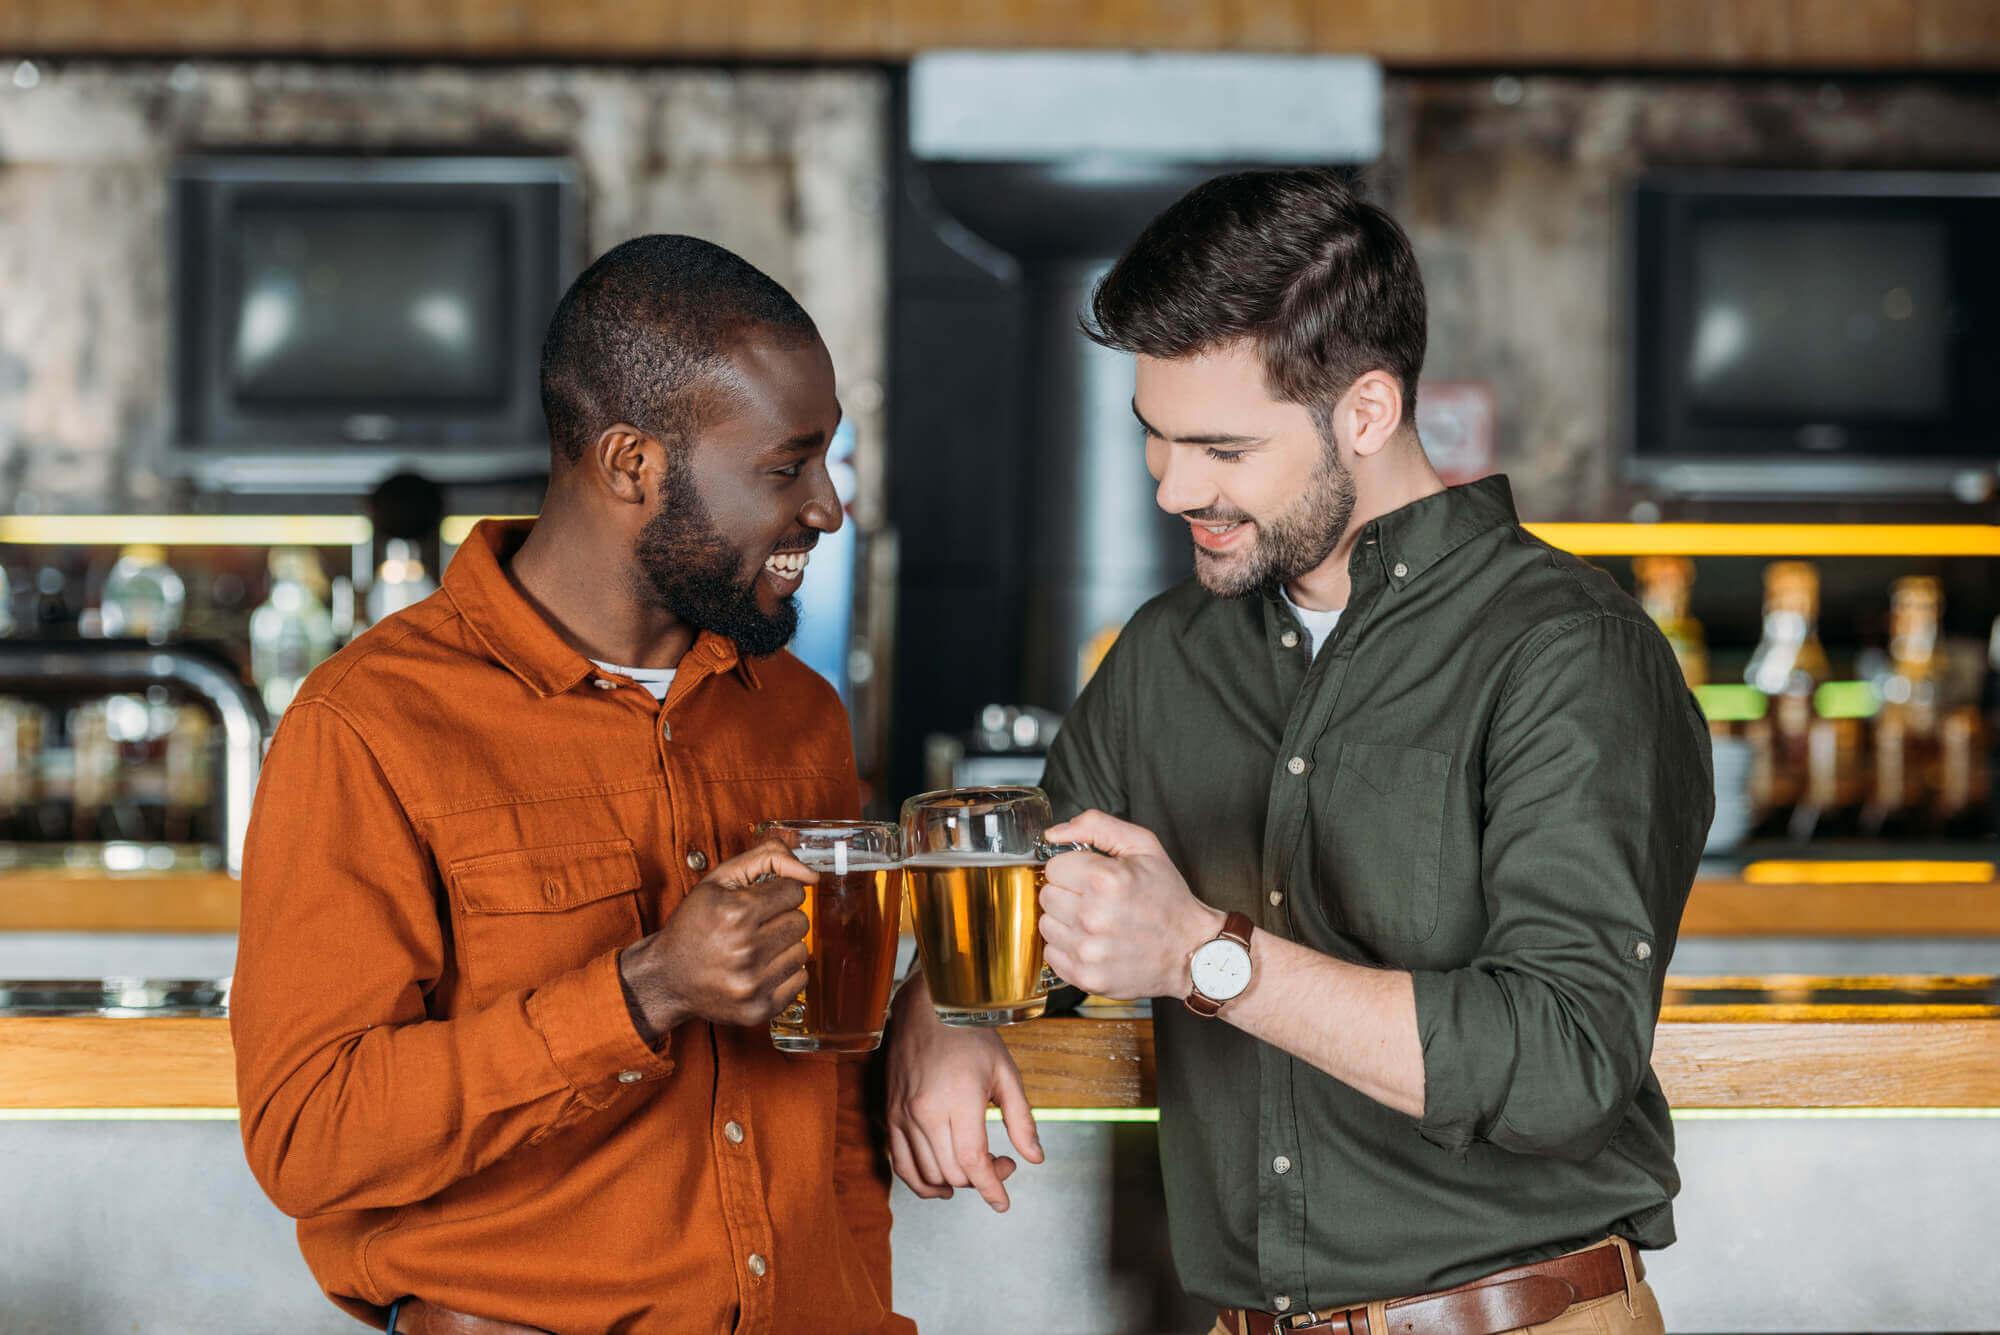 Ir ao bar é bom, mas com a companhia dos amigos é melhor ainda.